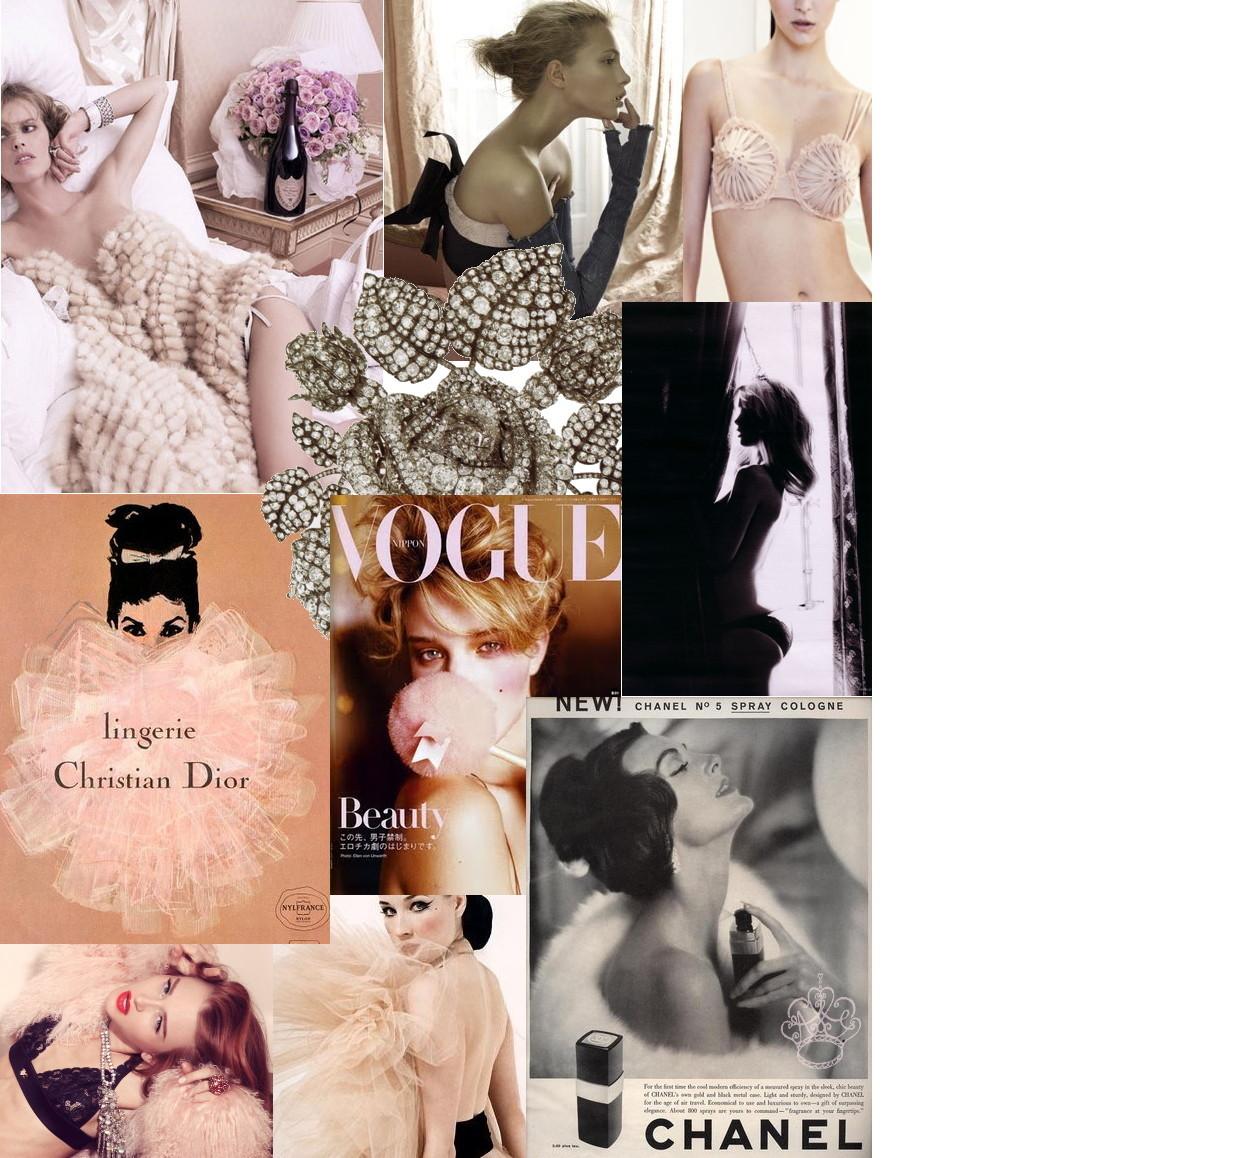 http://2.bp.blogspot.com/_yS2JhfL-xJY/TIXBgD7WpOI/AAAAAAAAJhE/KE3ugt3BVWI/s1600/Frou+Frou+powder+puff+inspiration.jpg